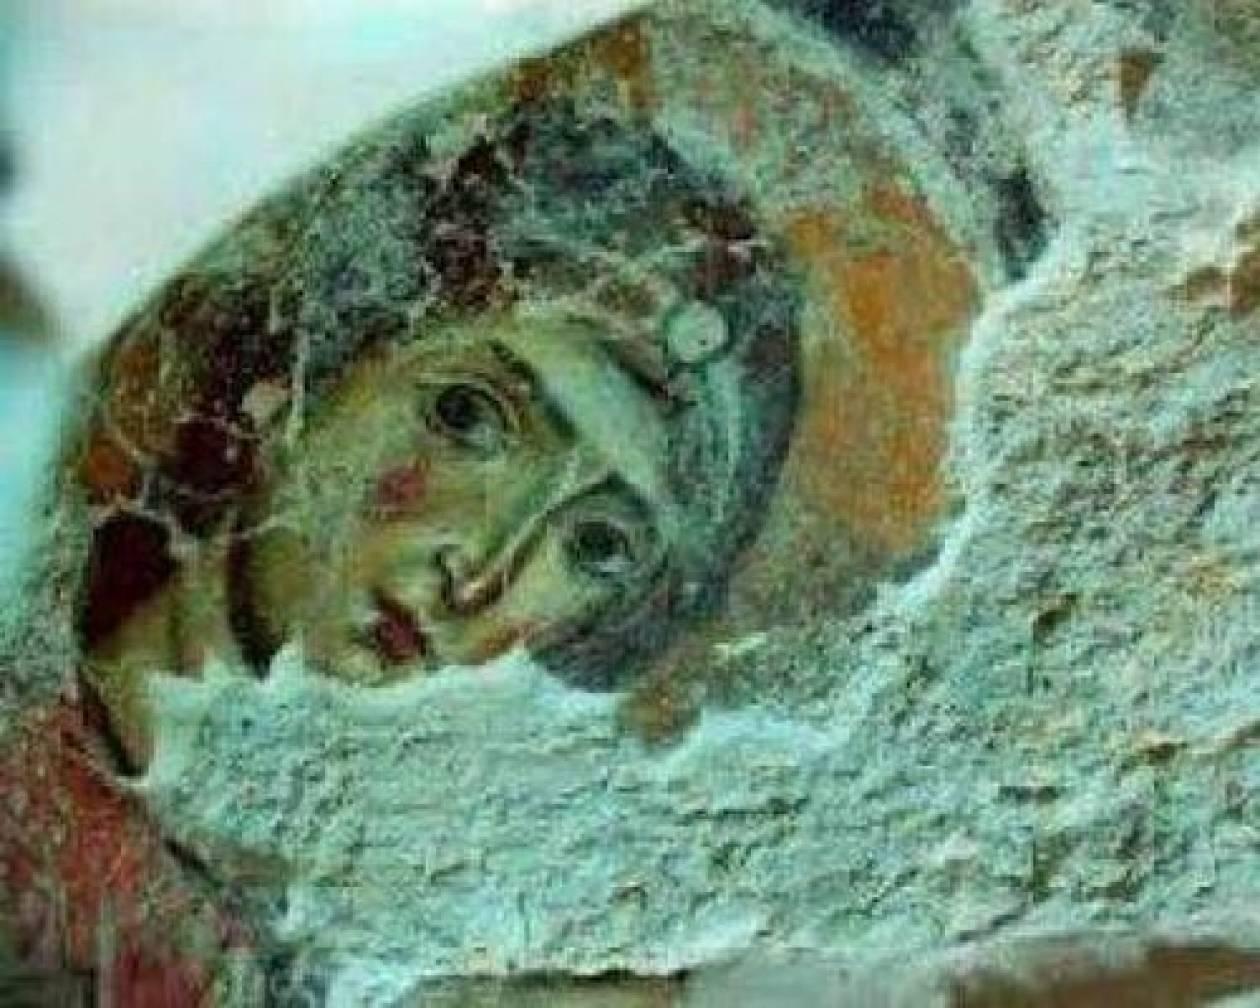 Τι είπε η Παναγία όταν εμφανίστηκε στον πρώτο ερημίτη του Αγίου Όρους